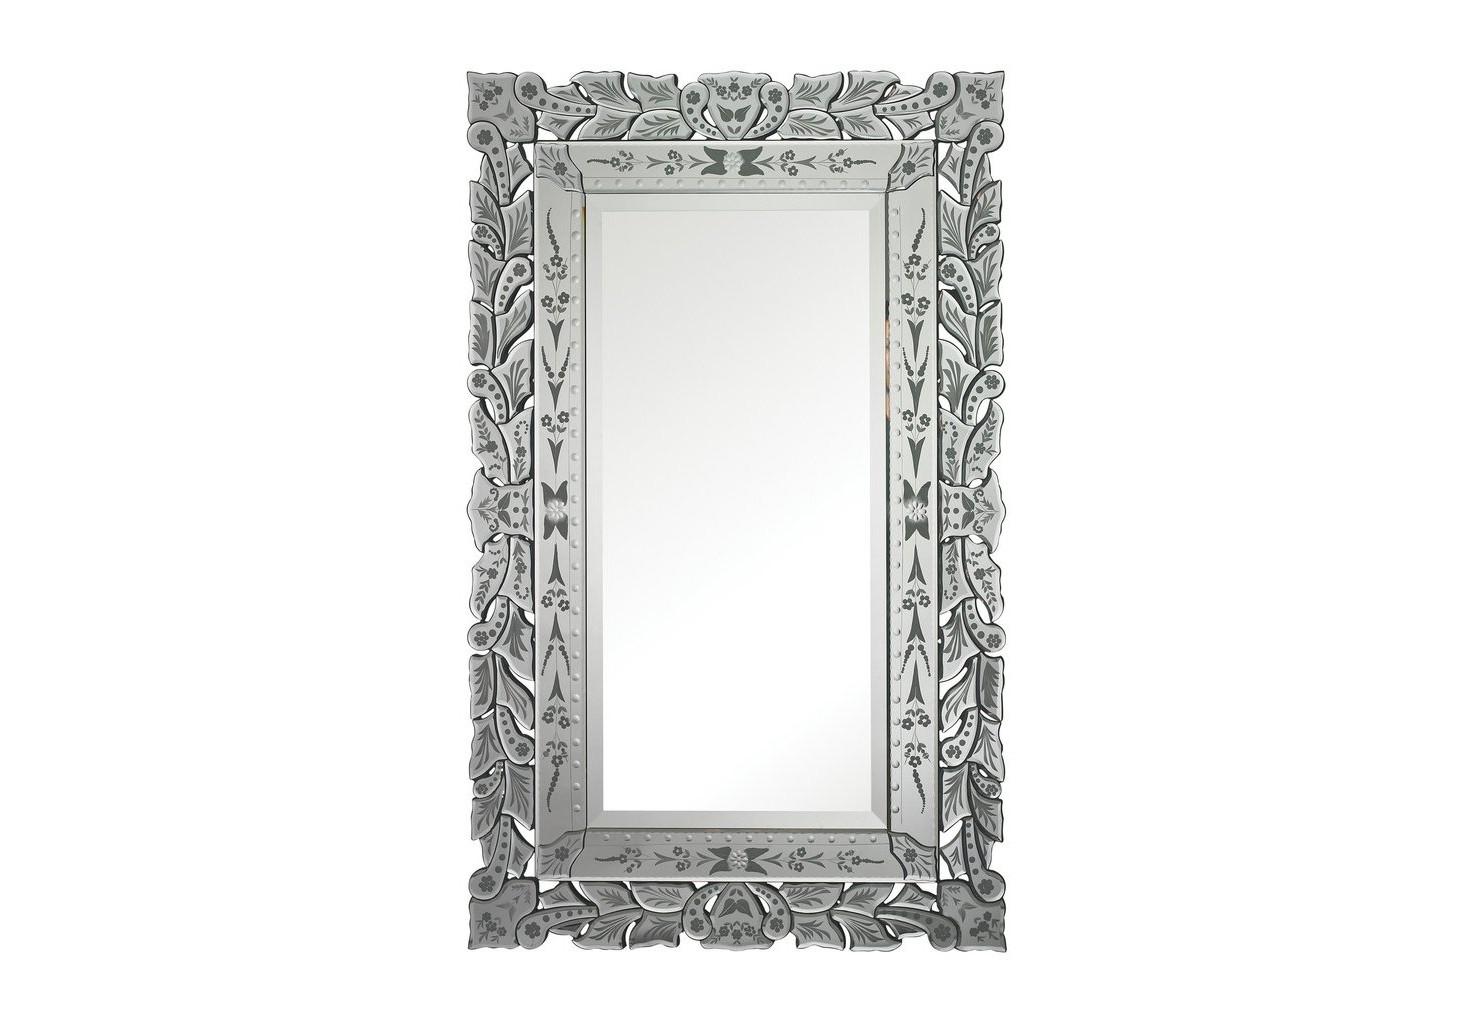 Венецианское зеркало ГлэмНастенные зеркала<br>Венецианские зеркала и по сей день не вышли из моды. Они считаются символом изящества и роскоши, а как известно, роскошные вещи, лишь прибавляют с годами в цене.<br>Со времени изготовления первого стеклянного зеркала прошло 2000 лет, а трубка стеклодува так и не поменялась и технология изготовления зеркал в ручную осталась та же, что и в давние времена.<br><br>Material: МДФ<br>Width см: 90<br>Depth см: 2<br>Height см: 120